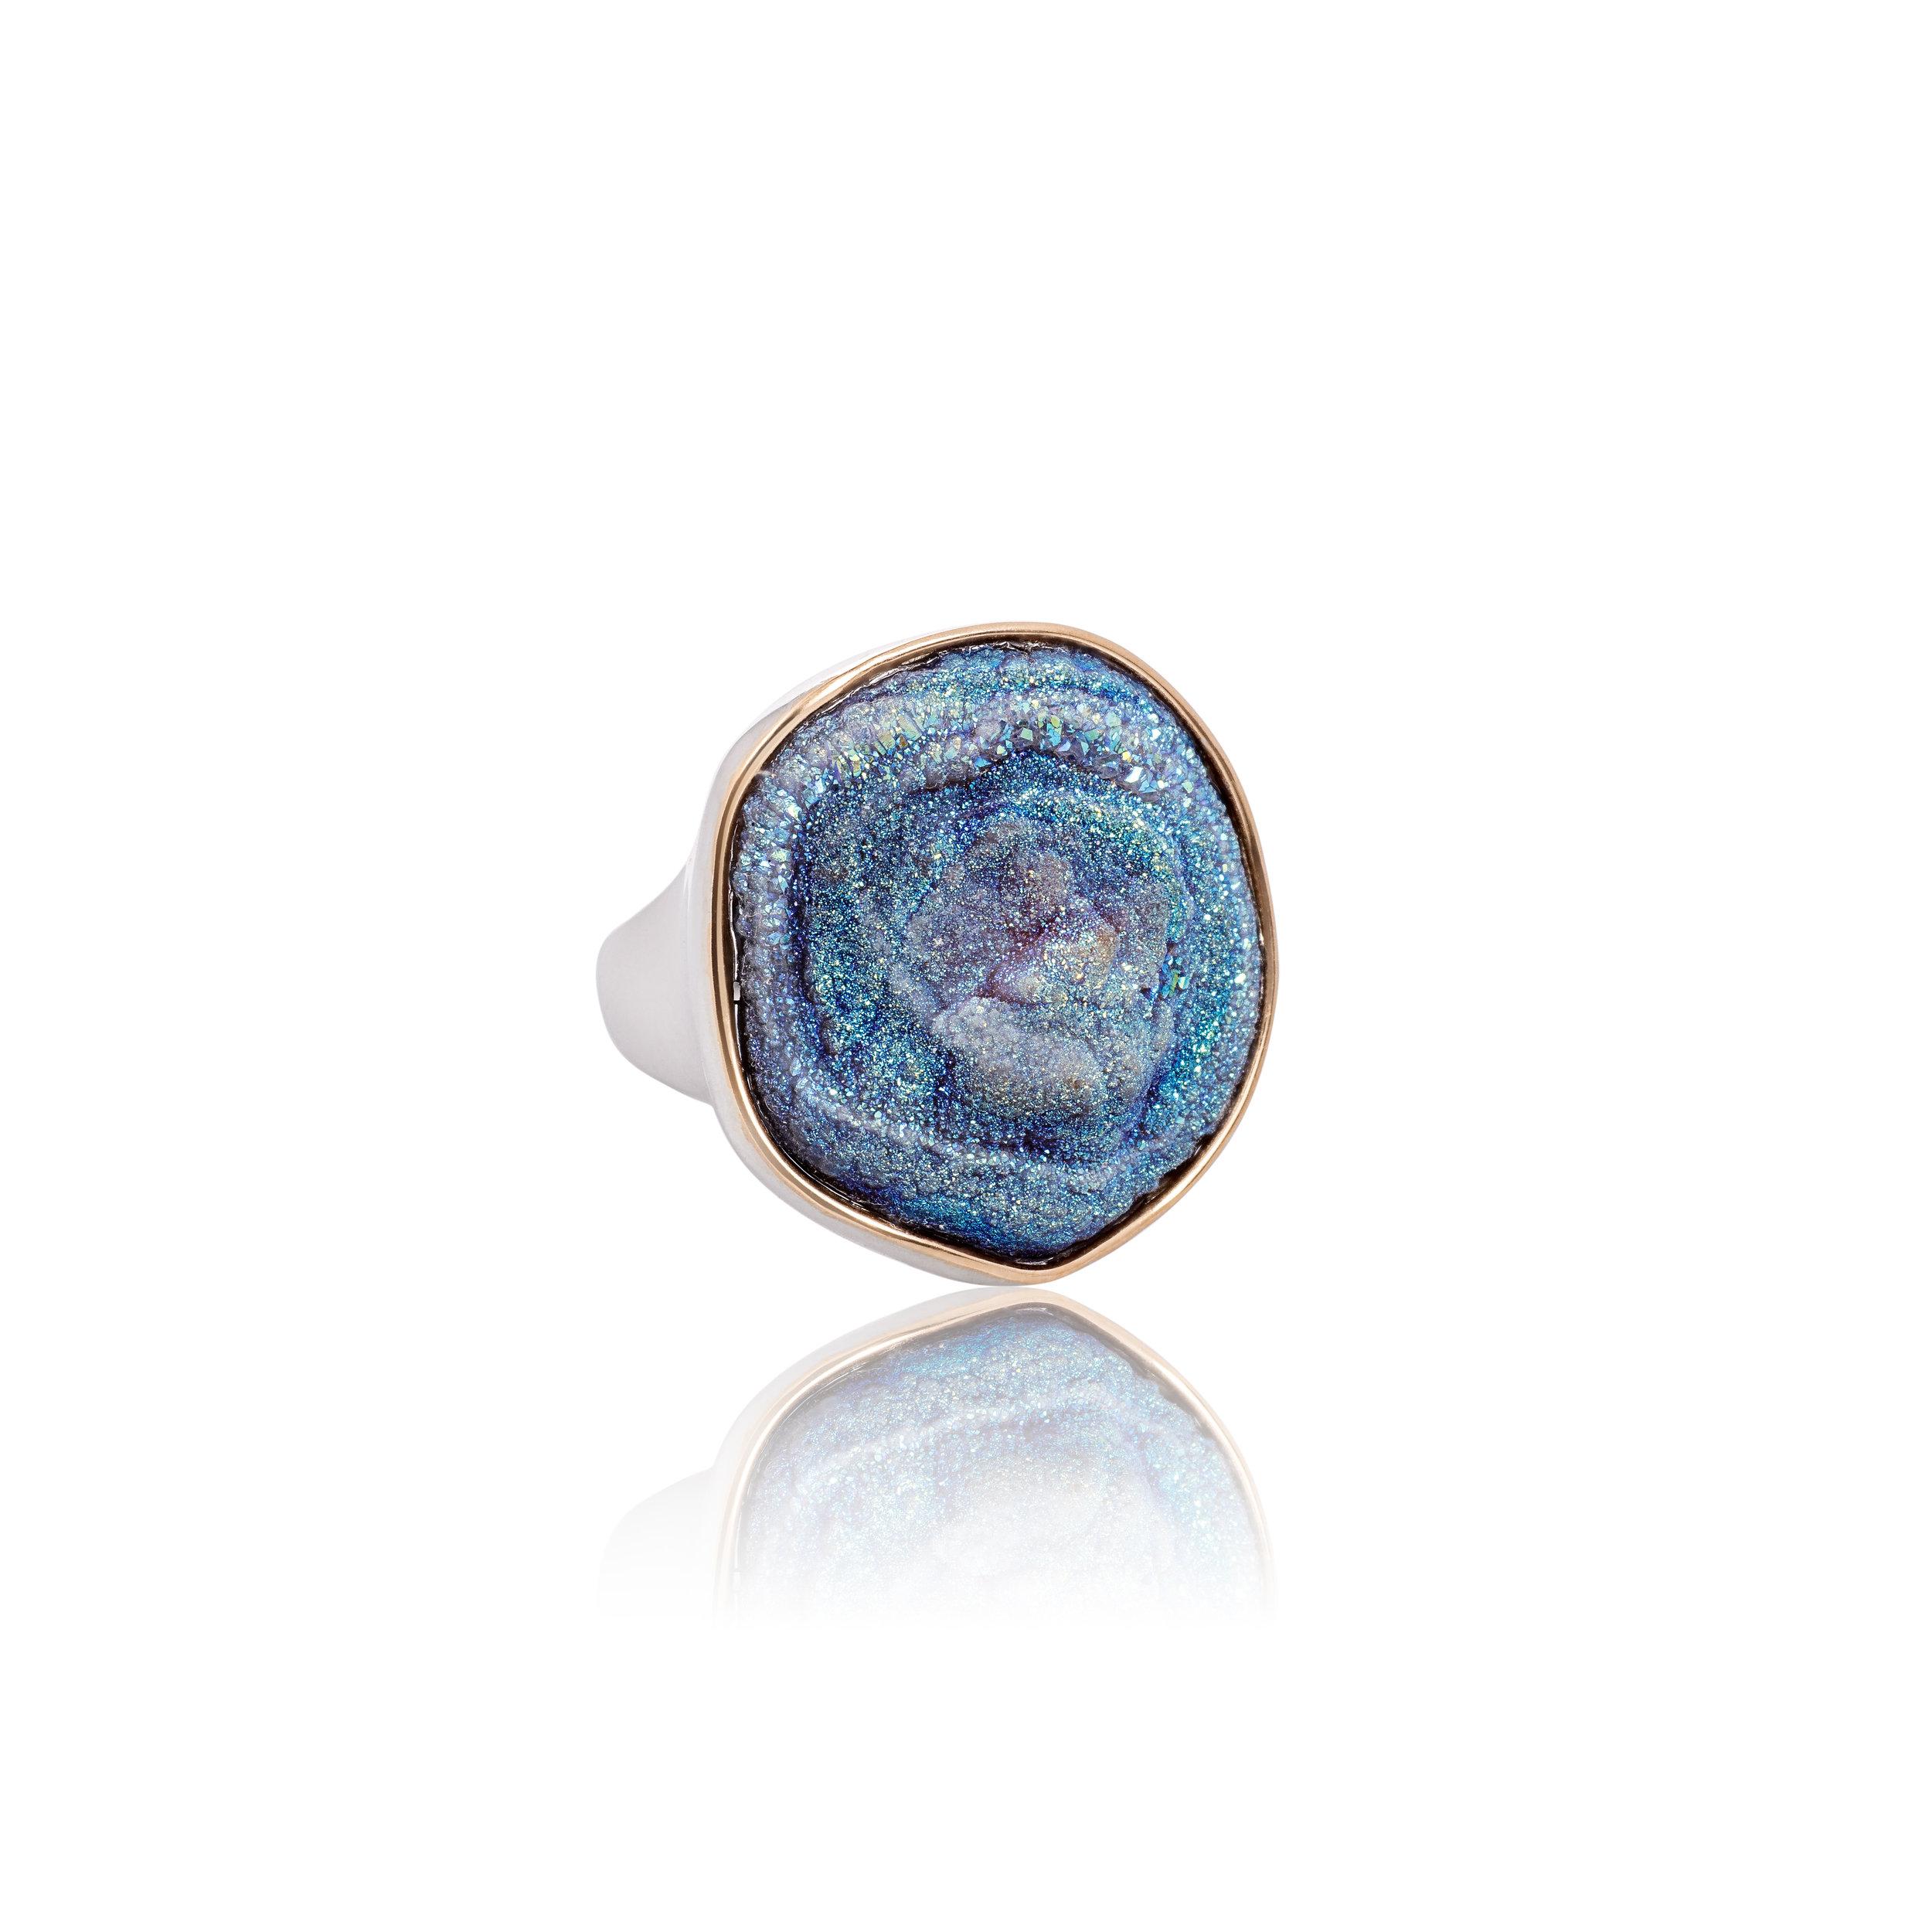 玛瑙晶簇镀钛,18k黄金戒托,925银镀18k黄金戒指